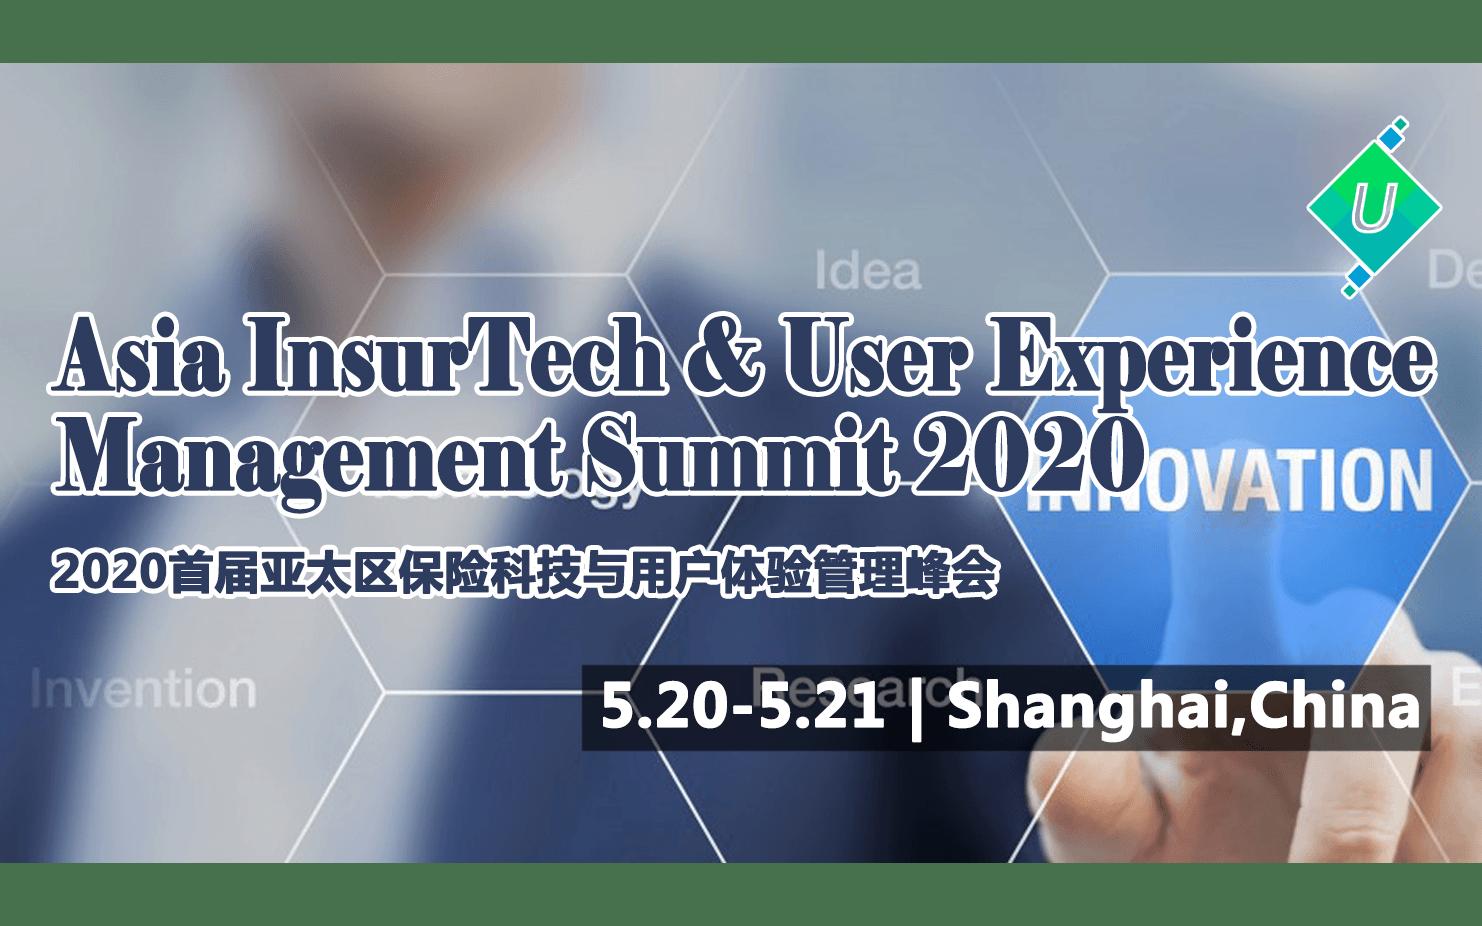 2020首届亚太区保险科技与用户体验管理峰会(上海)